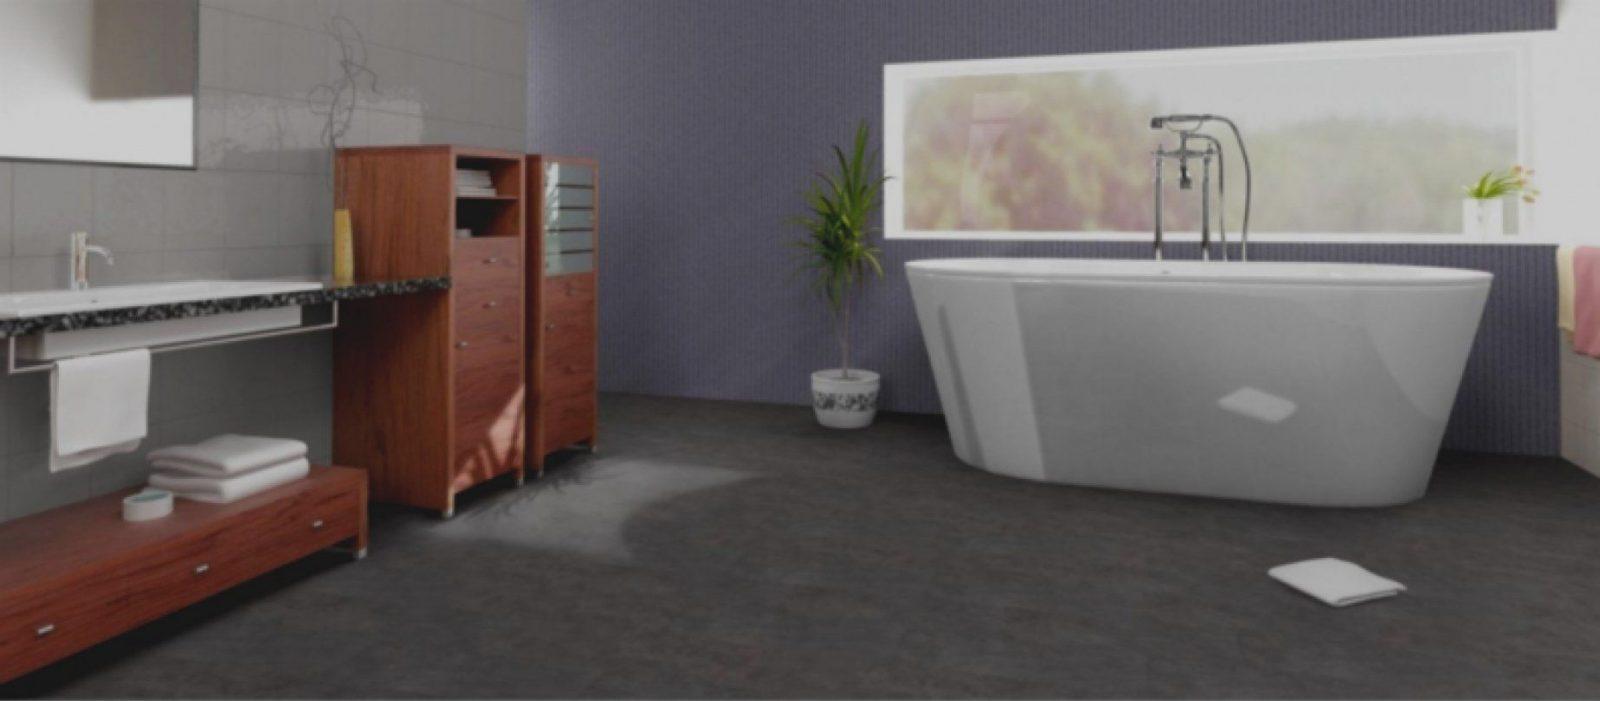 luxus vinylboden im bad vinylboden auf fliesen verlegen. Black Bedroom Furniture Sets. Home Design Ideas